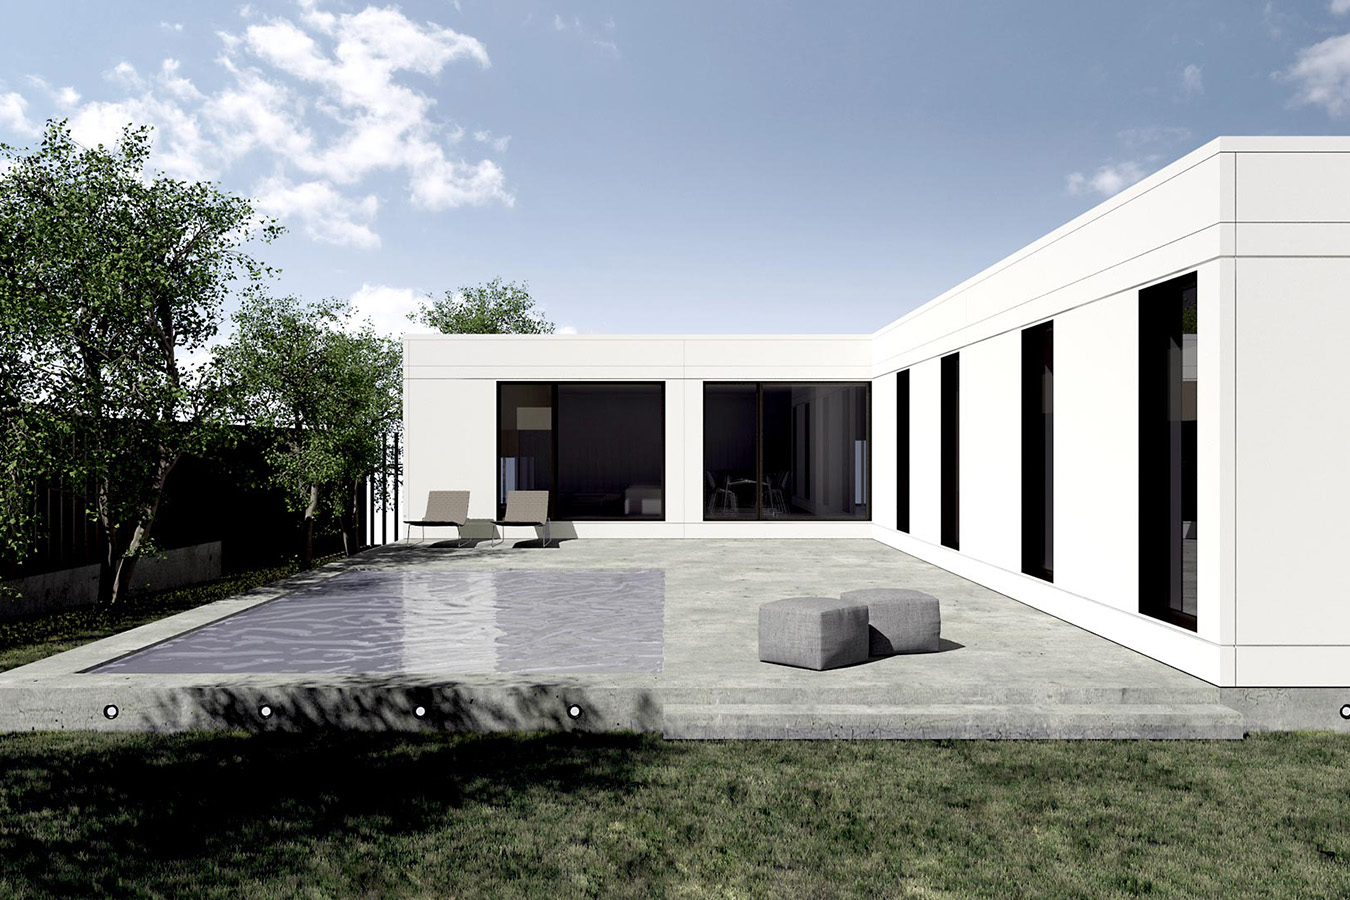 Casas prefabricadas en espa a para entrar a vivir for Casa moderna 80 metros cuadrados